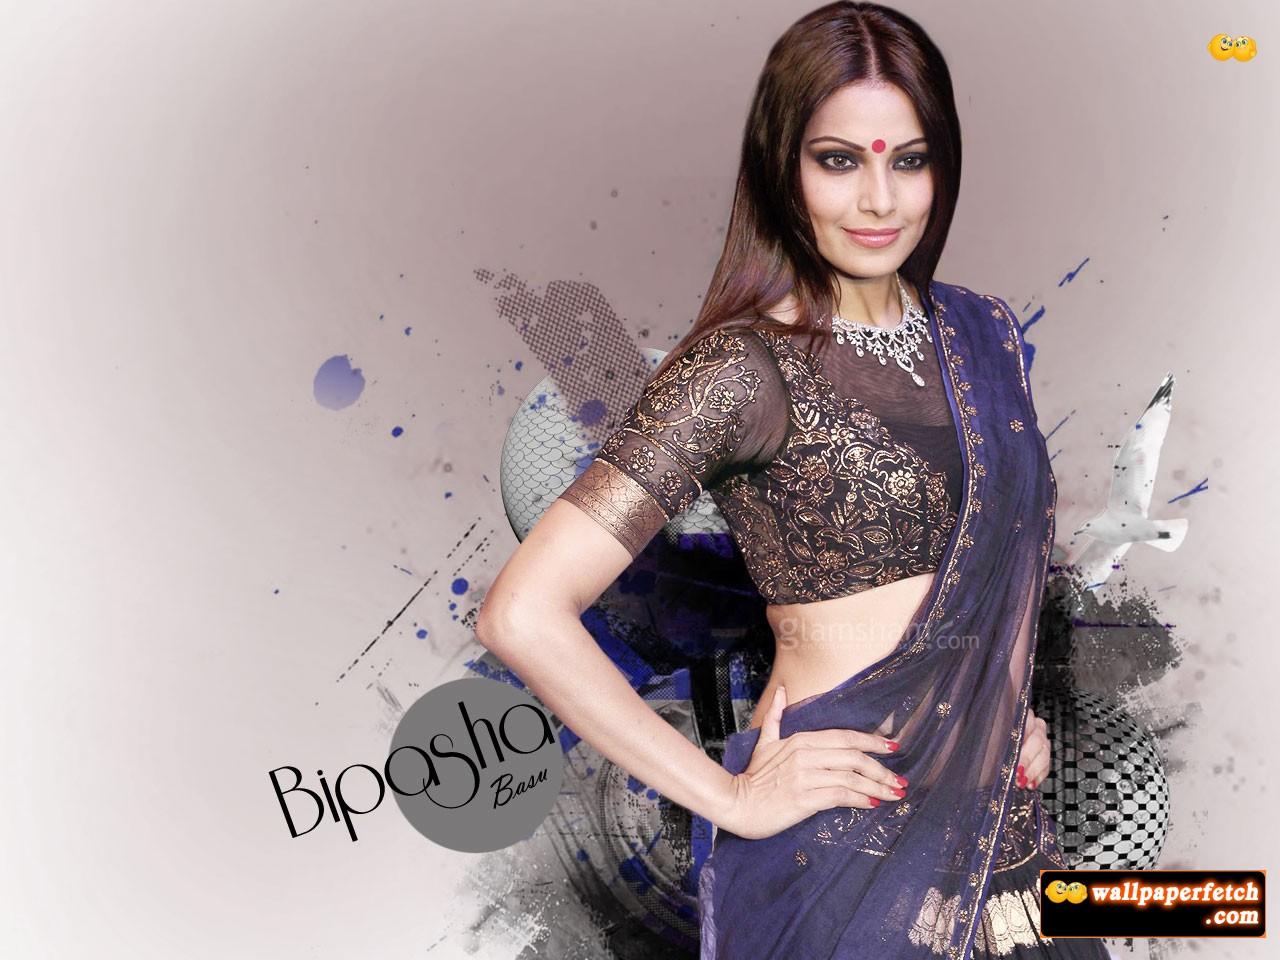 bipasha basu hot sexy wallpaper